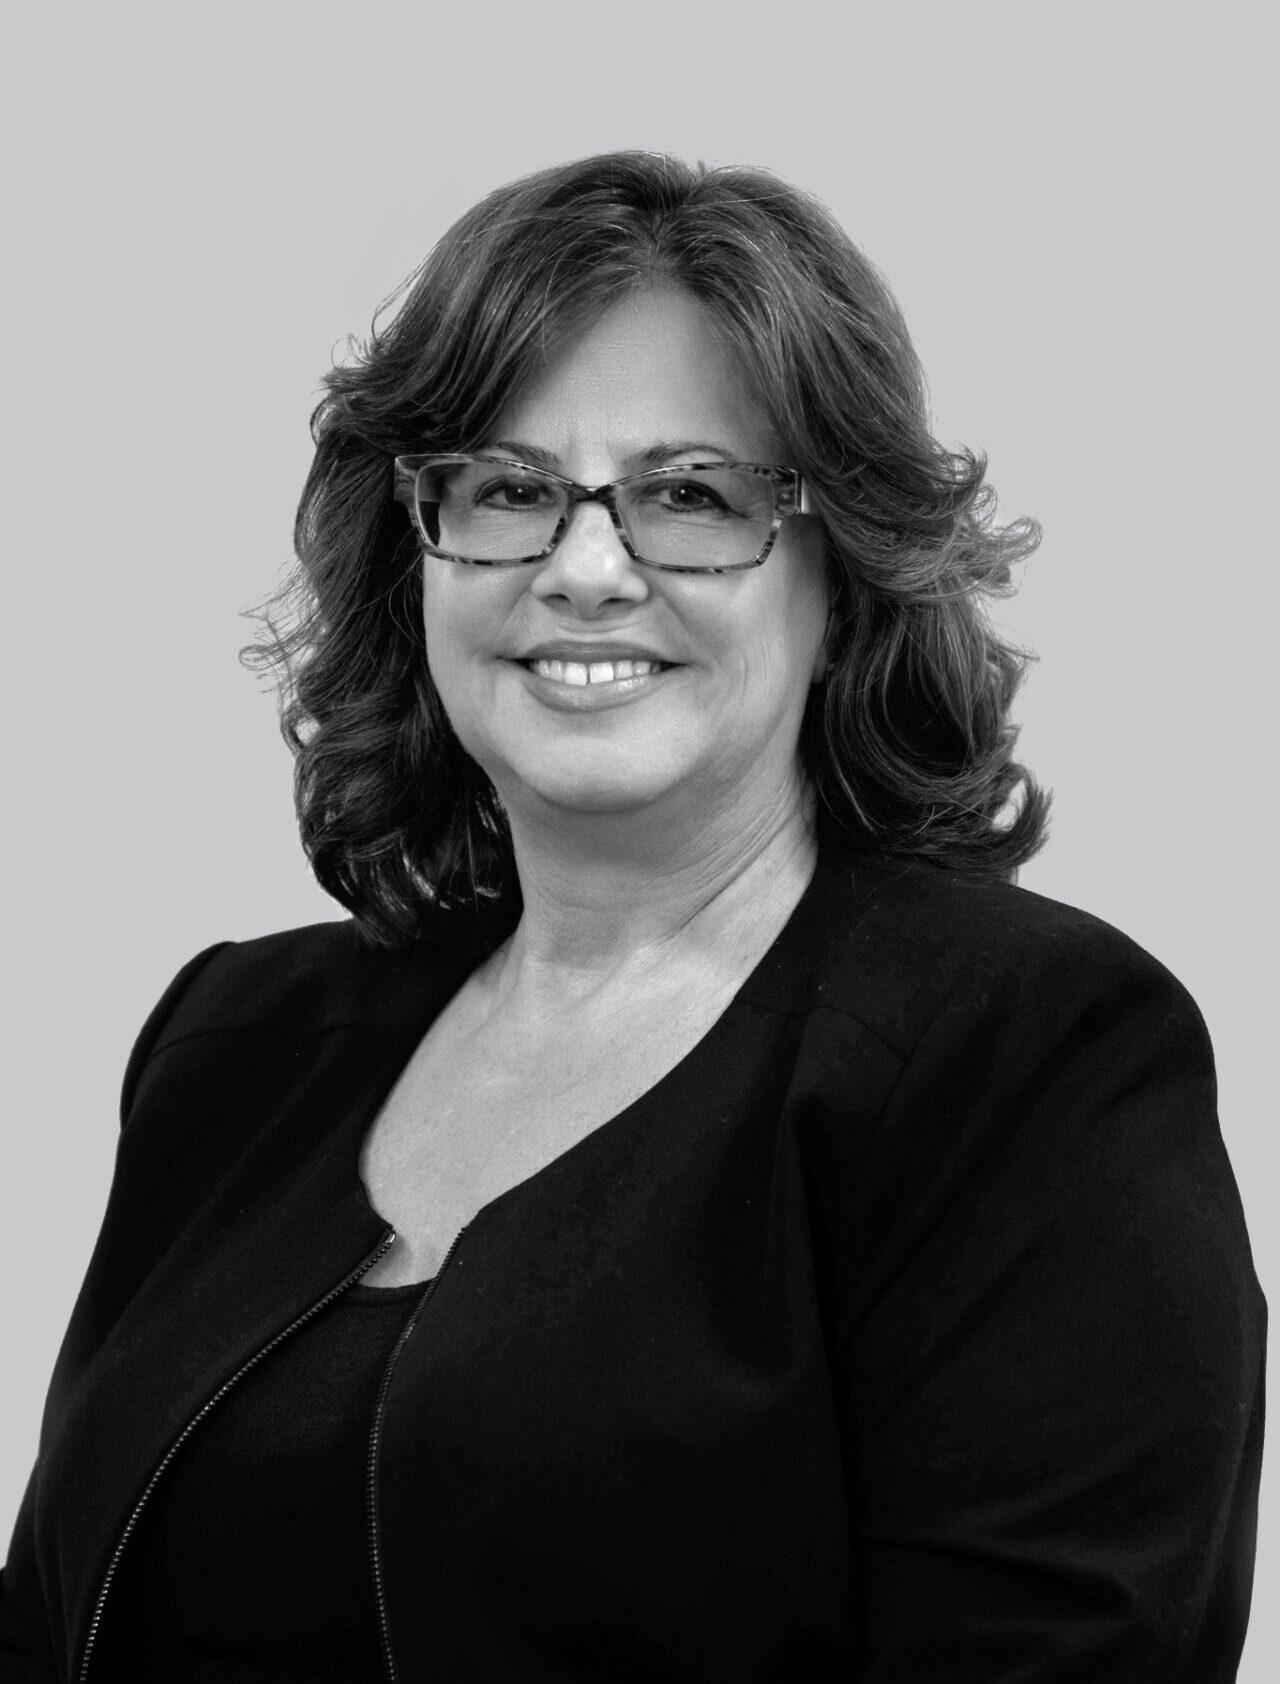 Michelle Annett